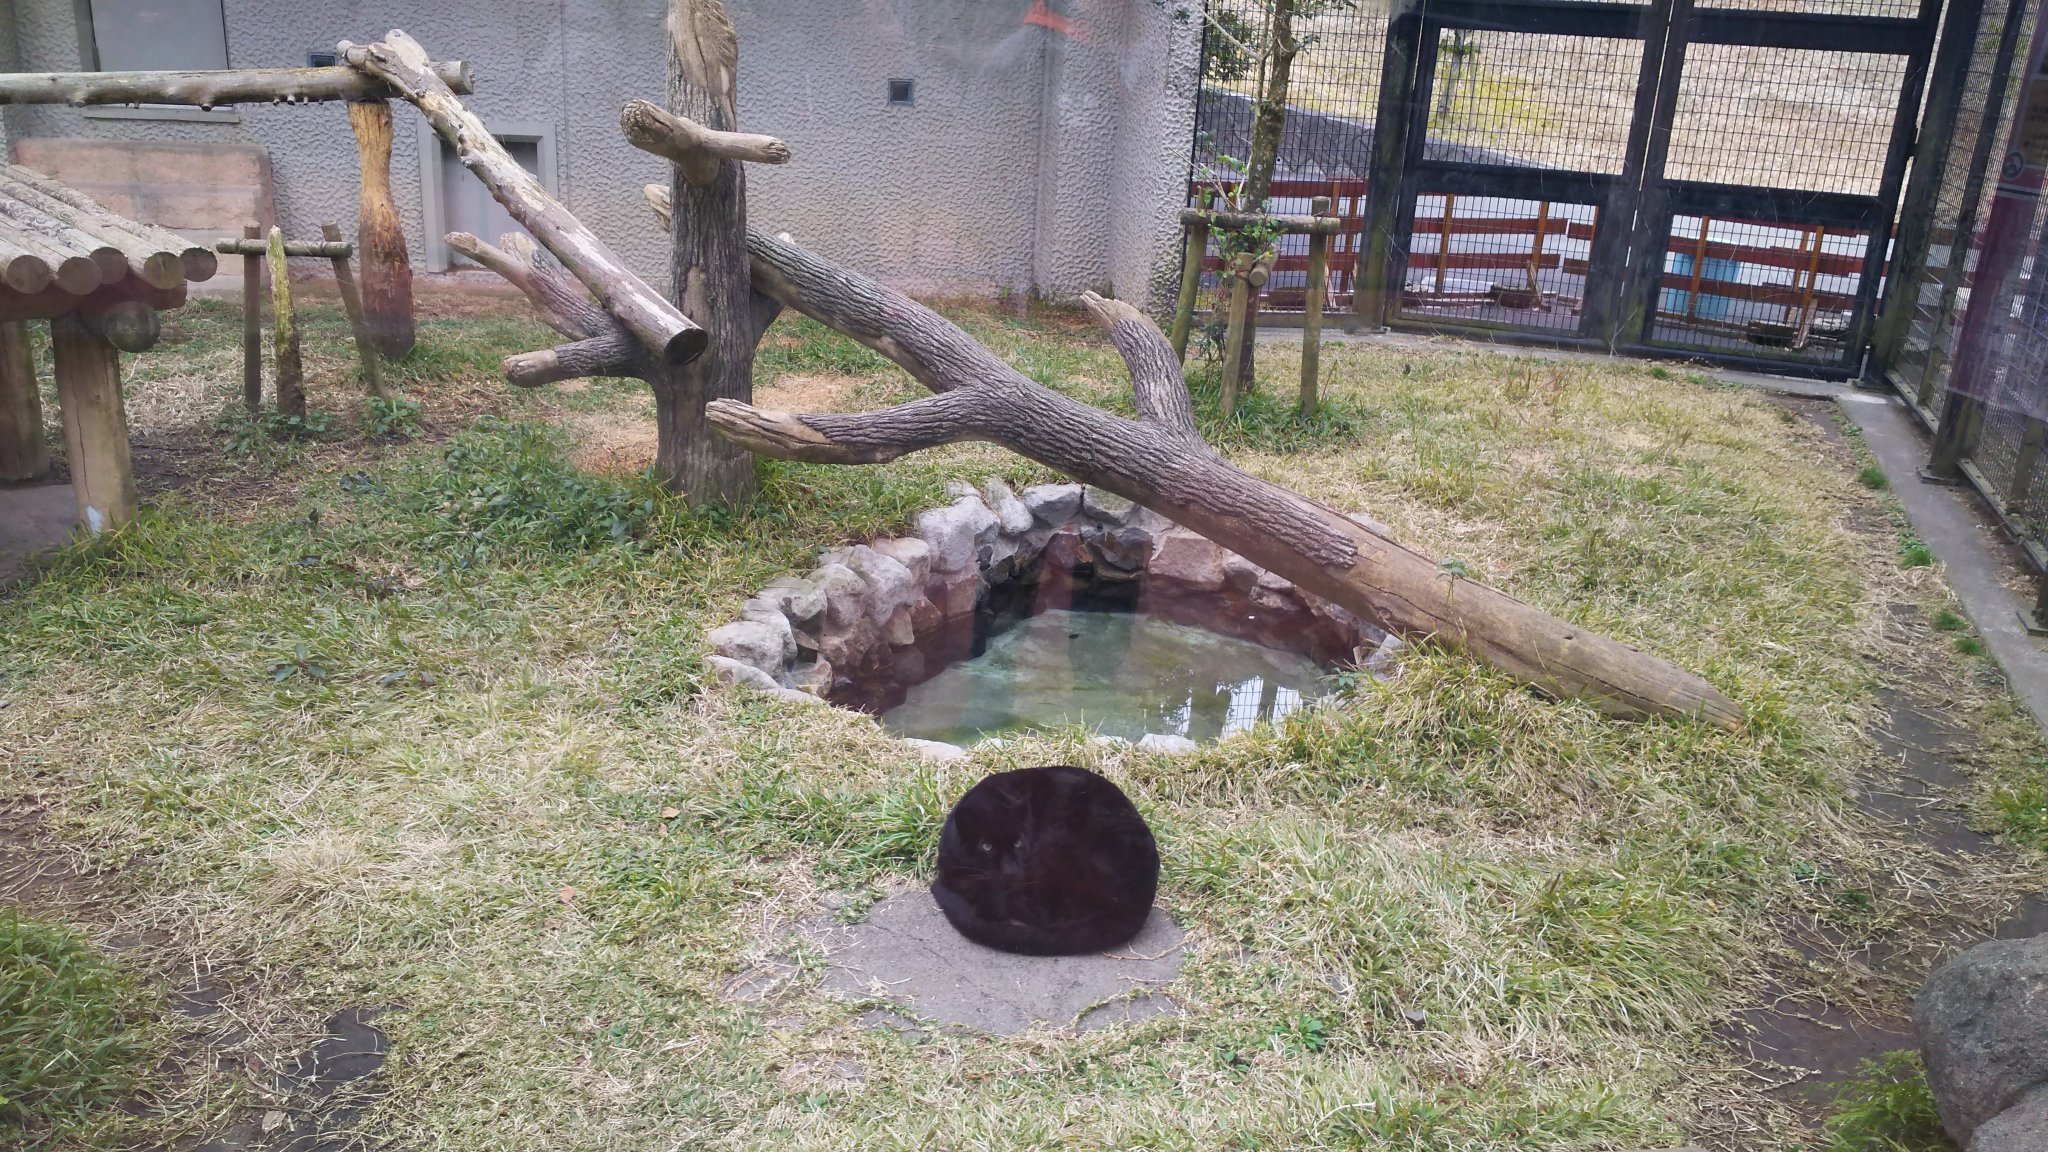 よく冷え込んだ朝、獣舎の池の前で丸くて黒い物体を発見しました。よ~く見るとそれはヒーターの入った石の上で丸くなったクロヒョウのスーの姿でした★